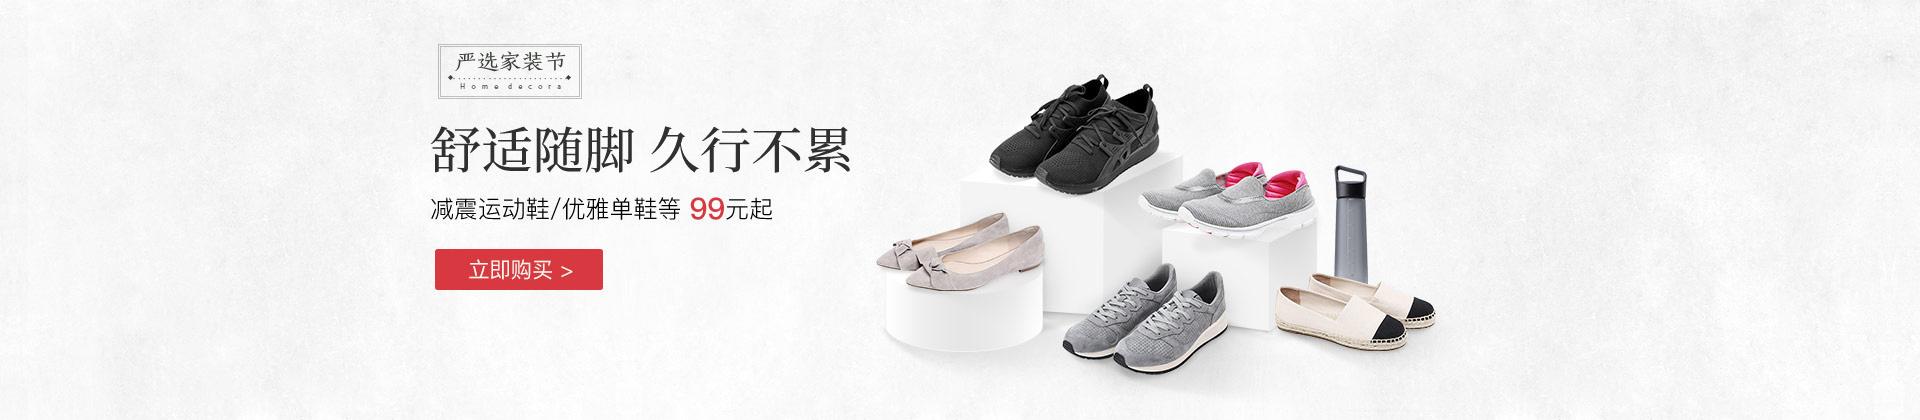 类目 鞋靴